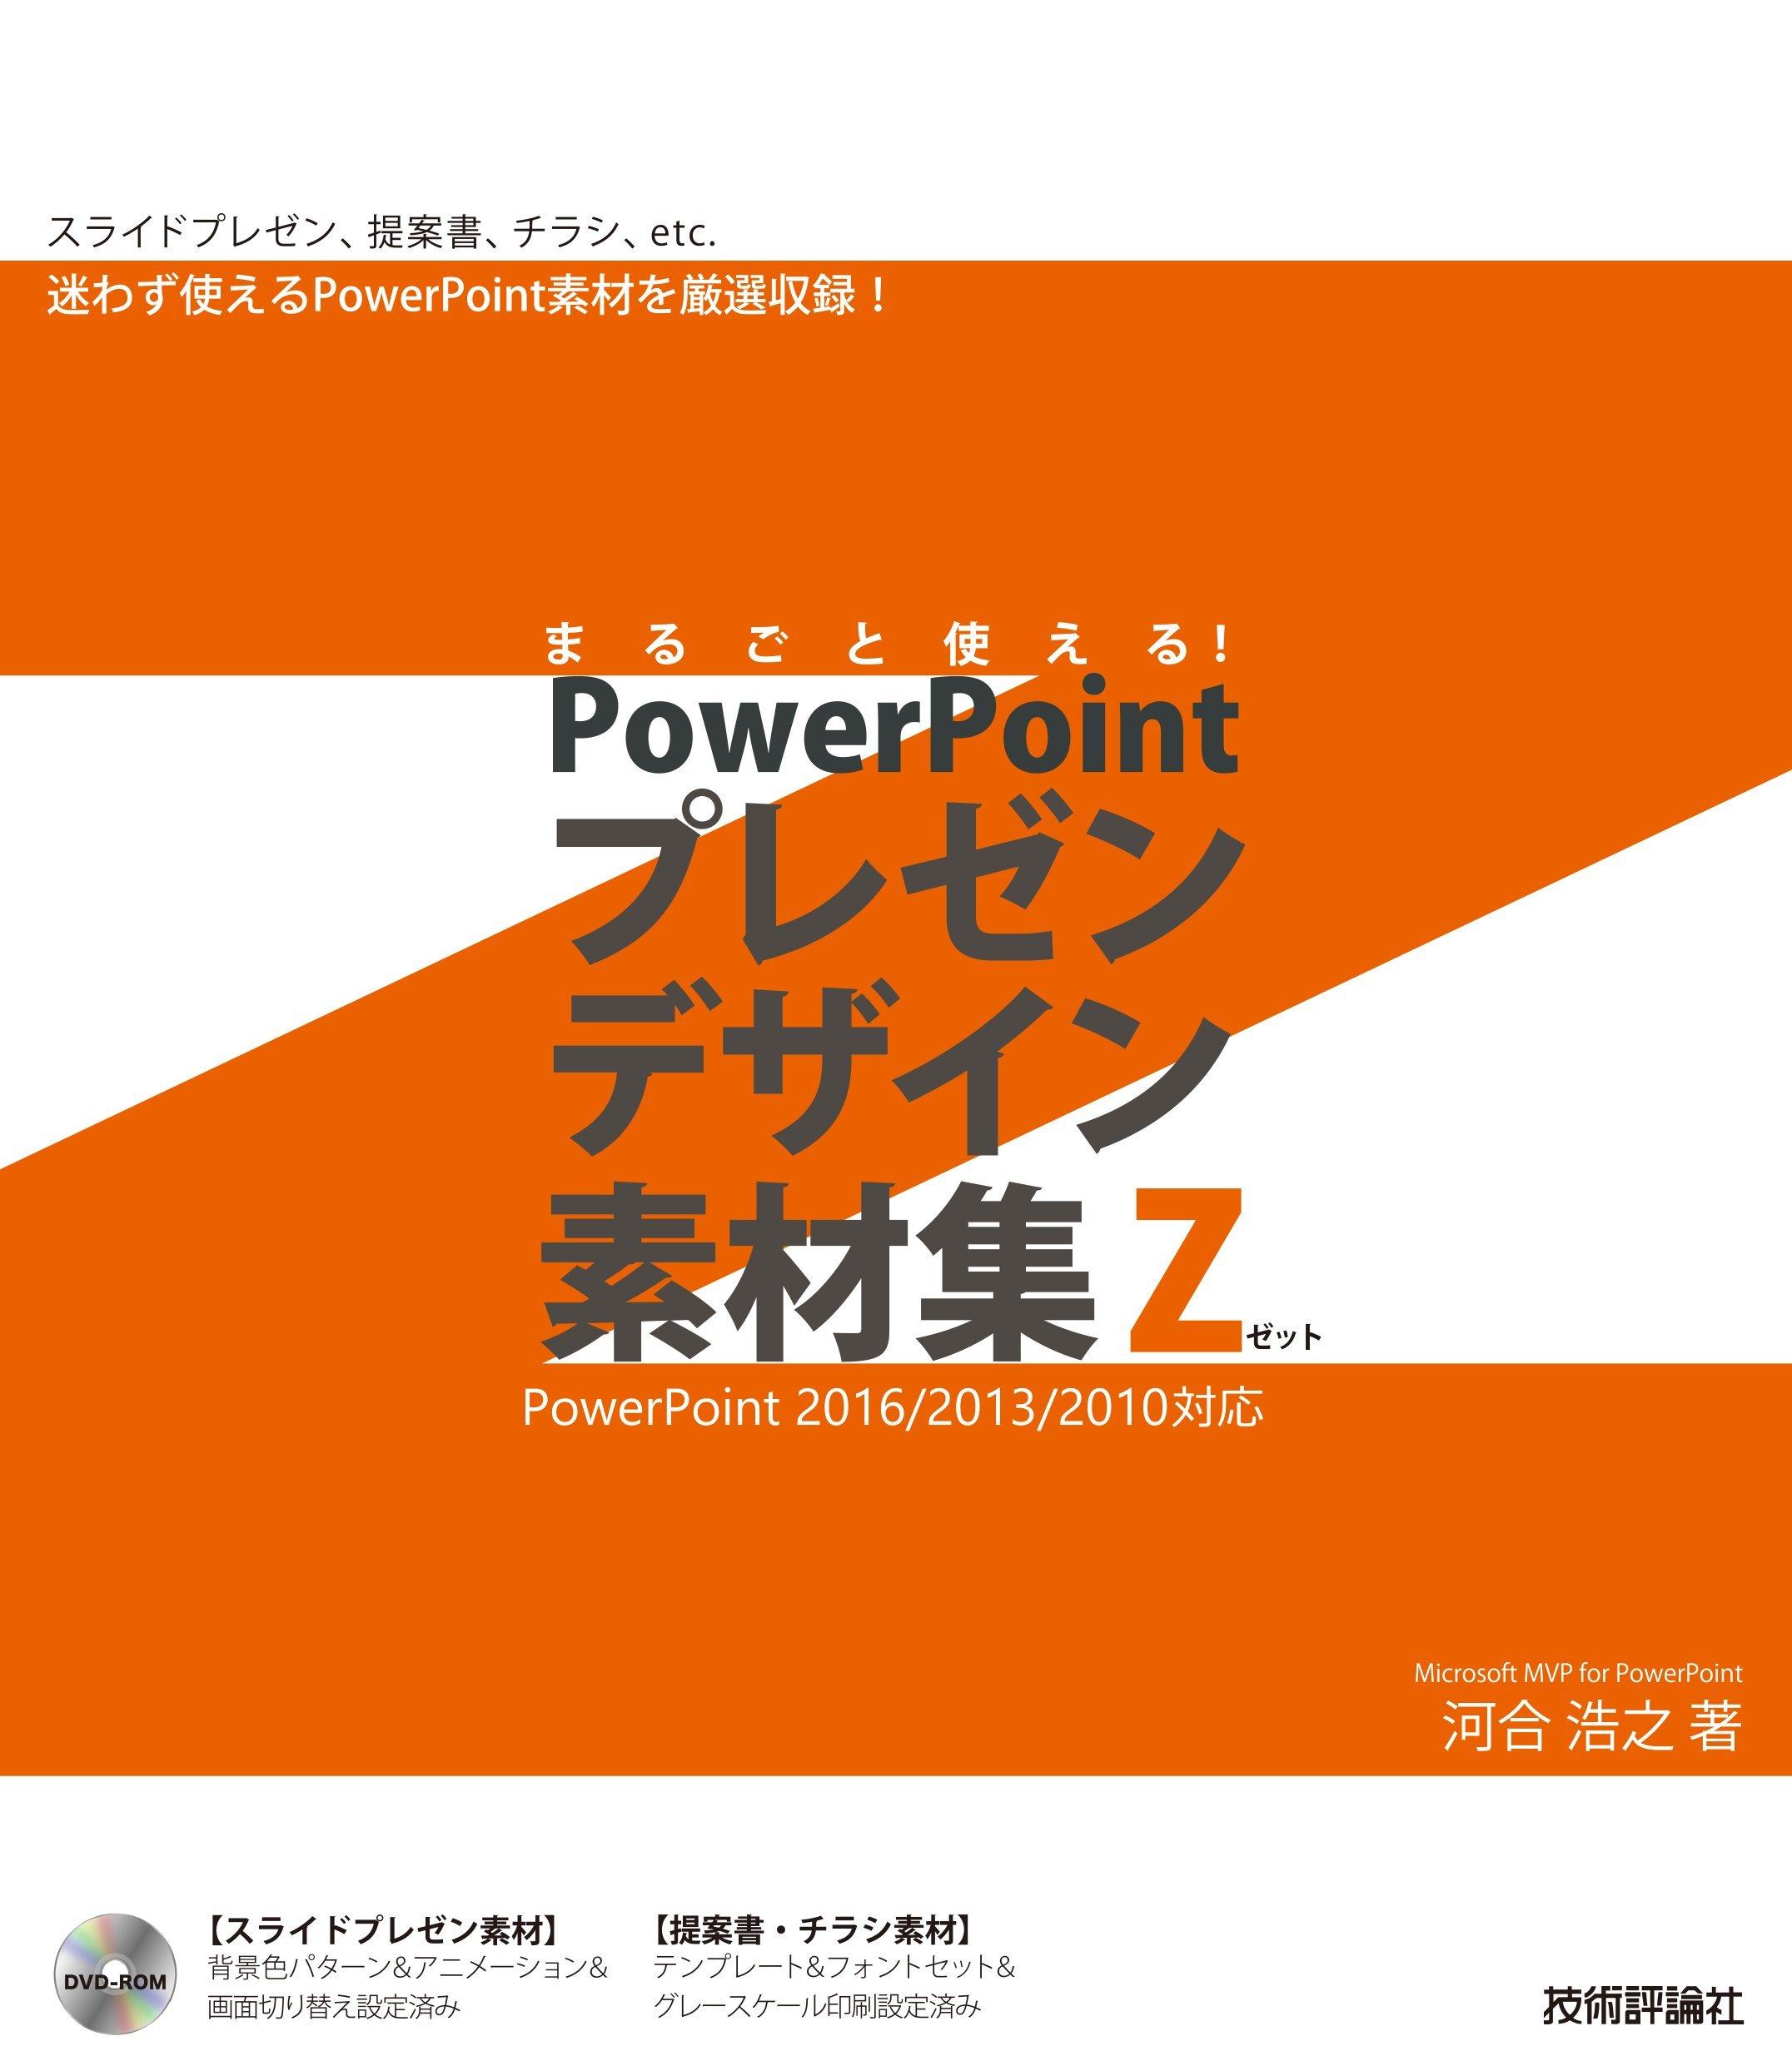 まるごと使える powerpoint プレゼンデザイン素材集z 河合 浩之 本